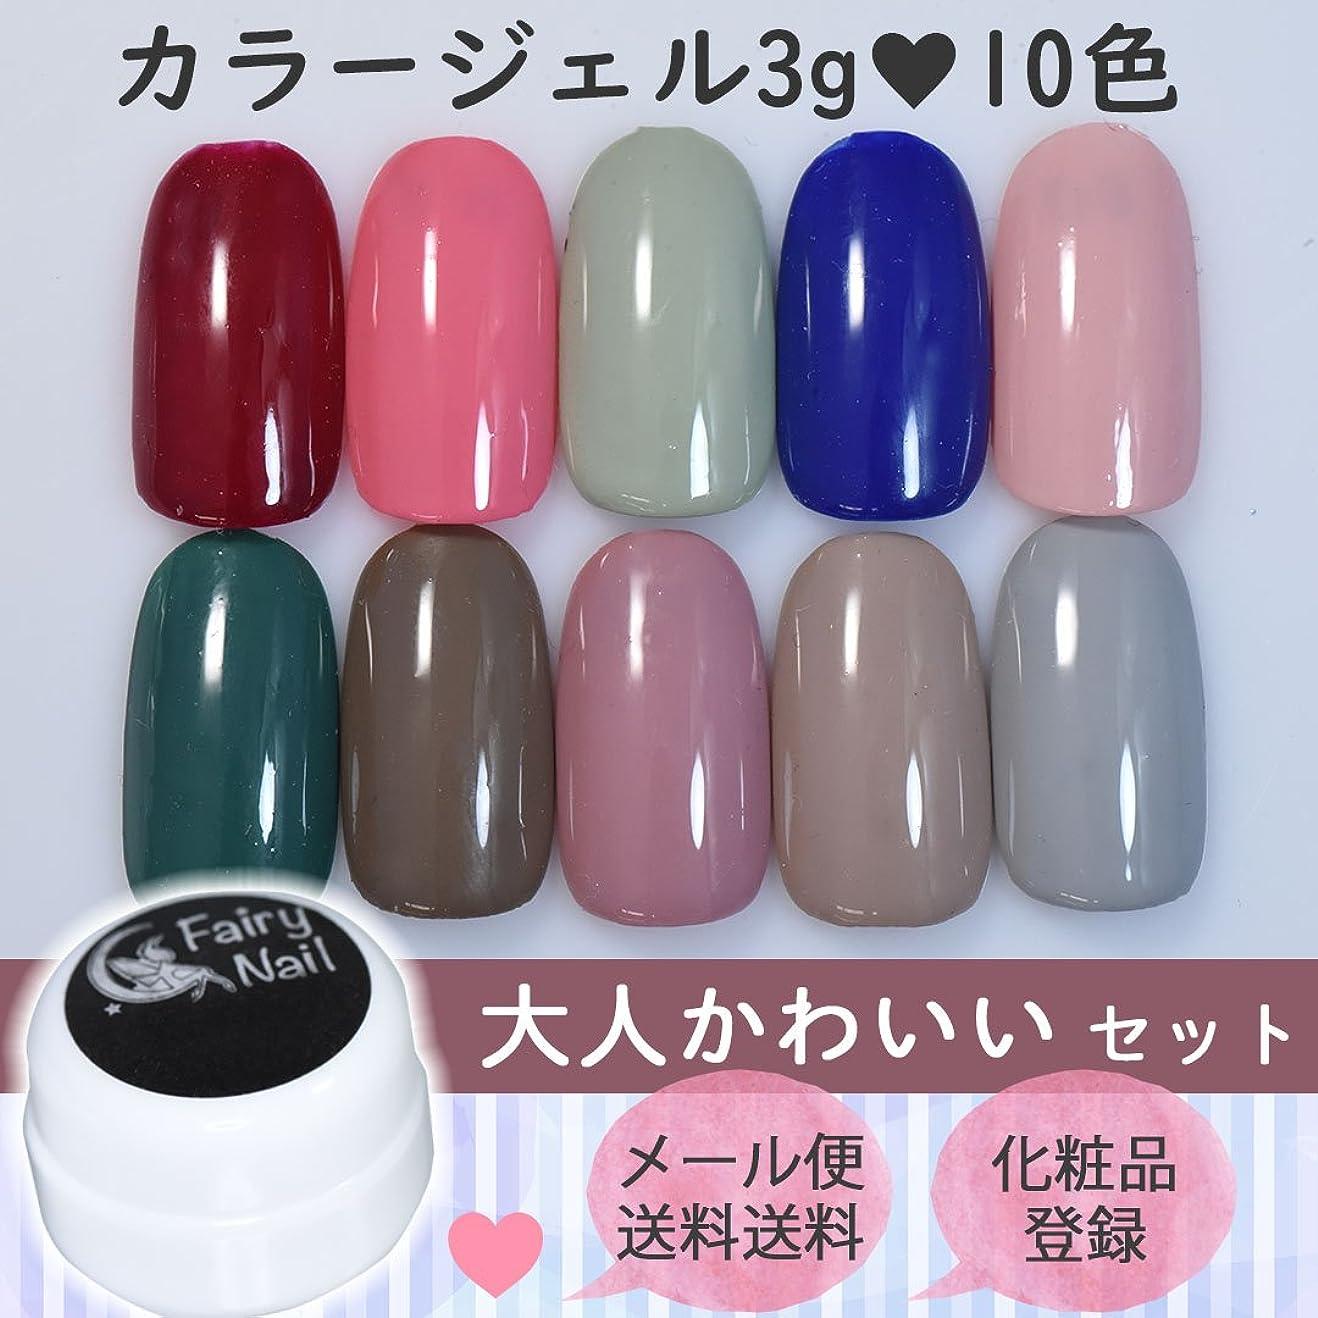 円形コカイン夜明けフェアリーネイル カラージェル 3g 10色セット - 大人かわいい -